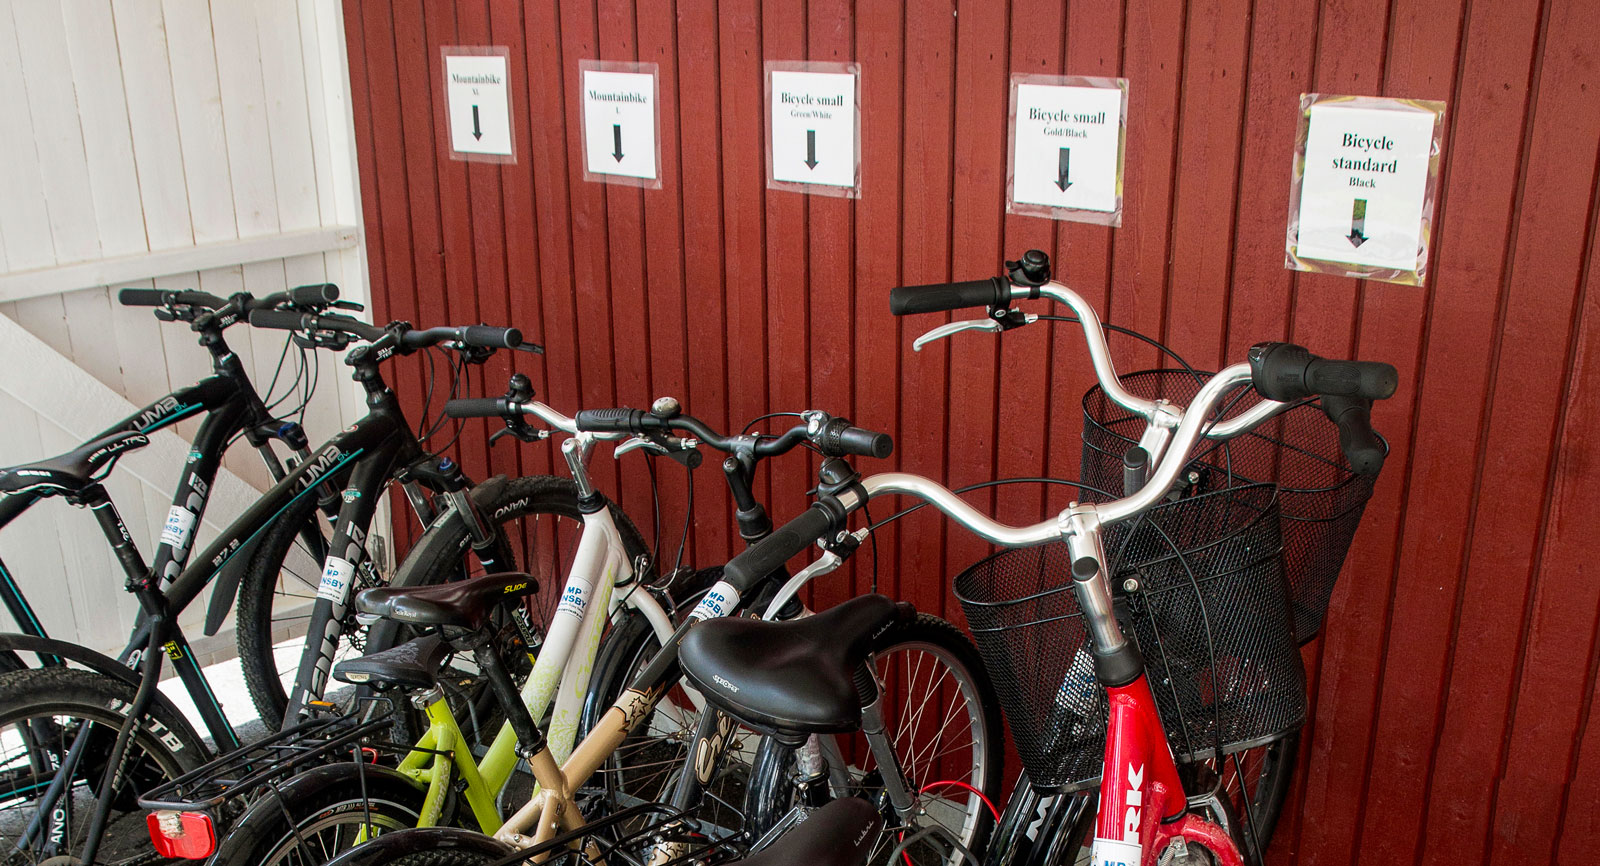 Cyklar finns att hyra för utfärder på vindlande skogsvägar.